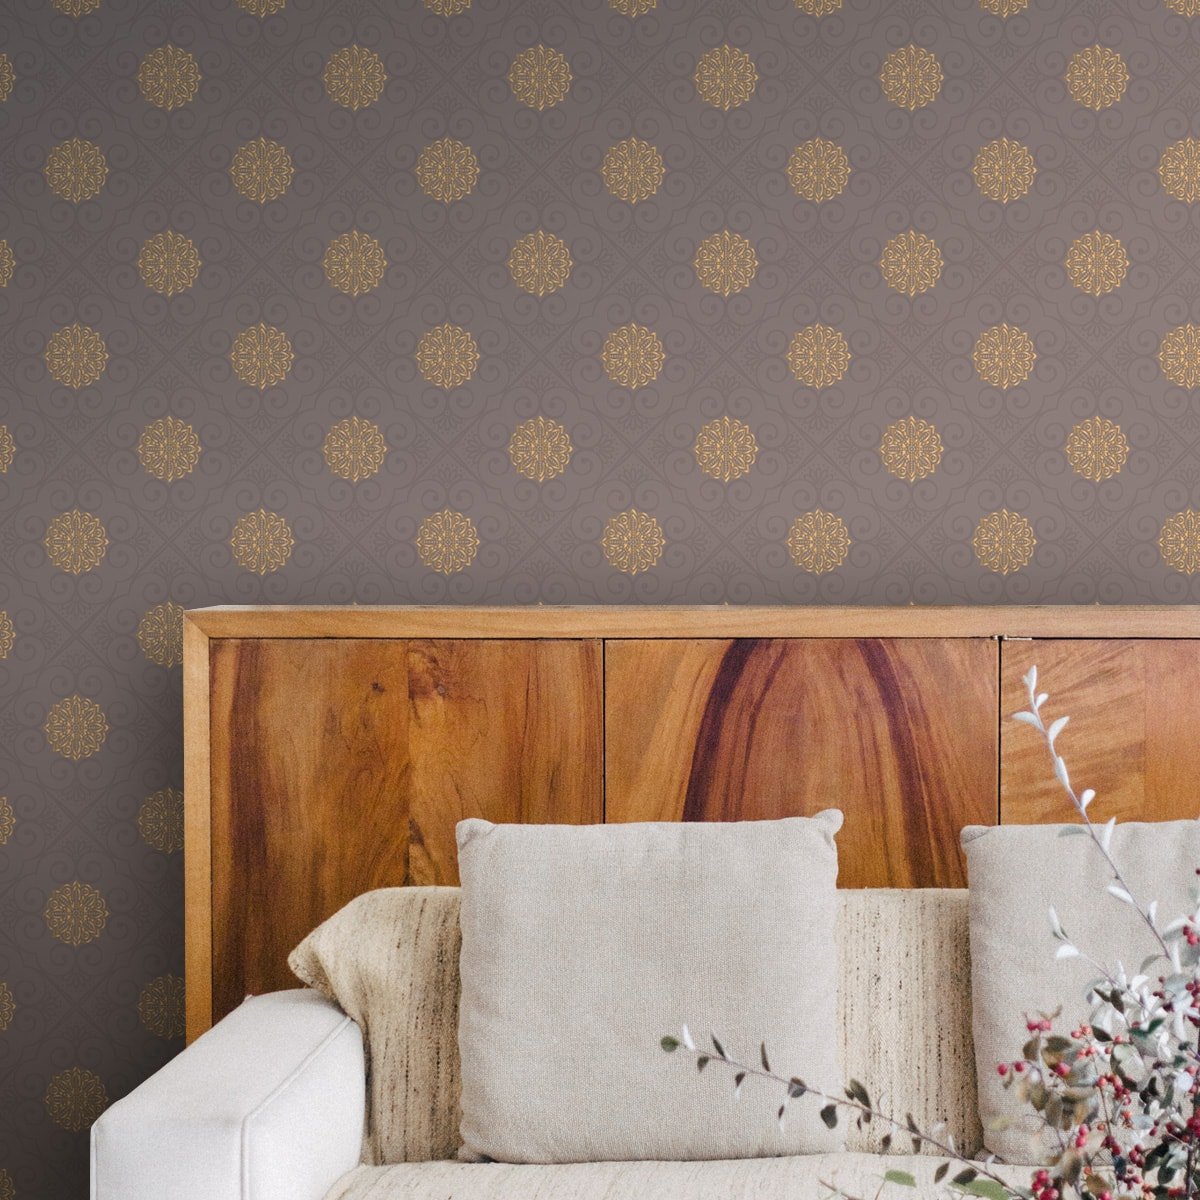 Tapete Wohnzimmer grau: Elegante oriental Tapete